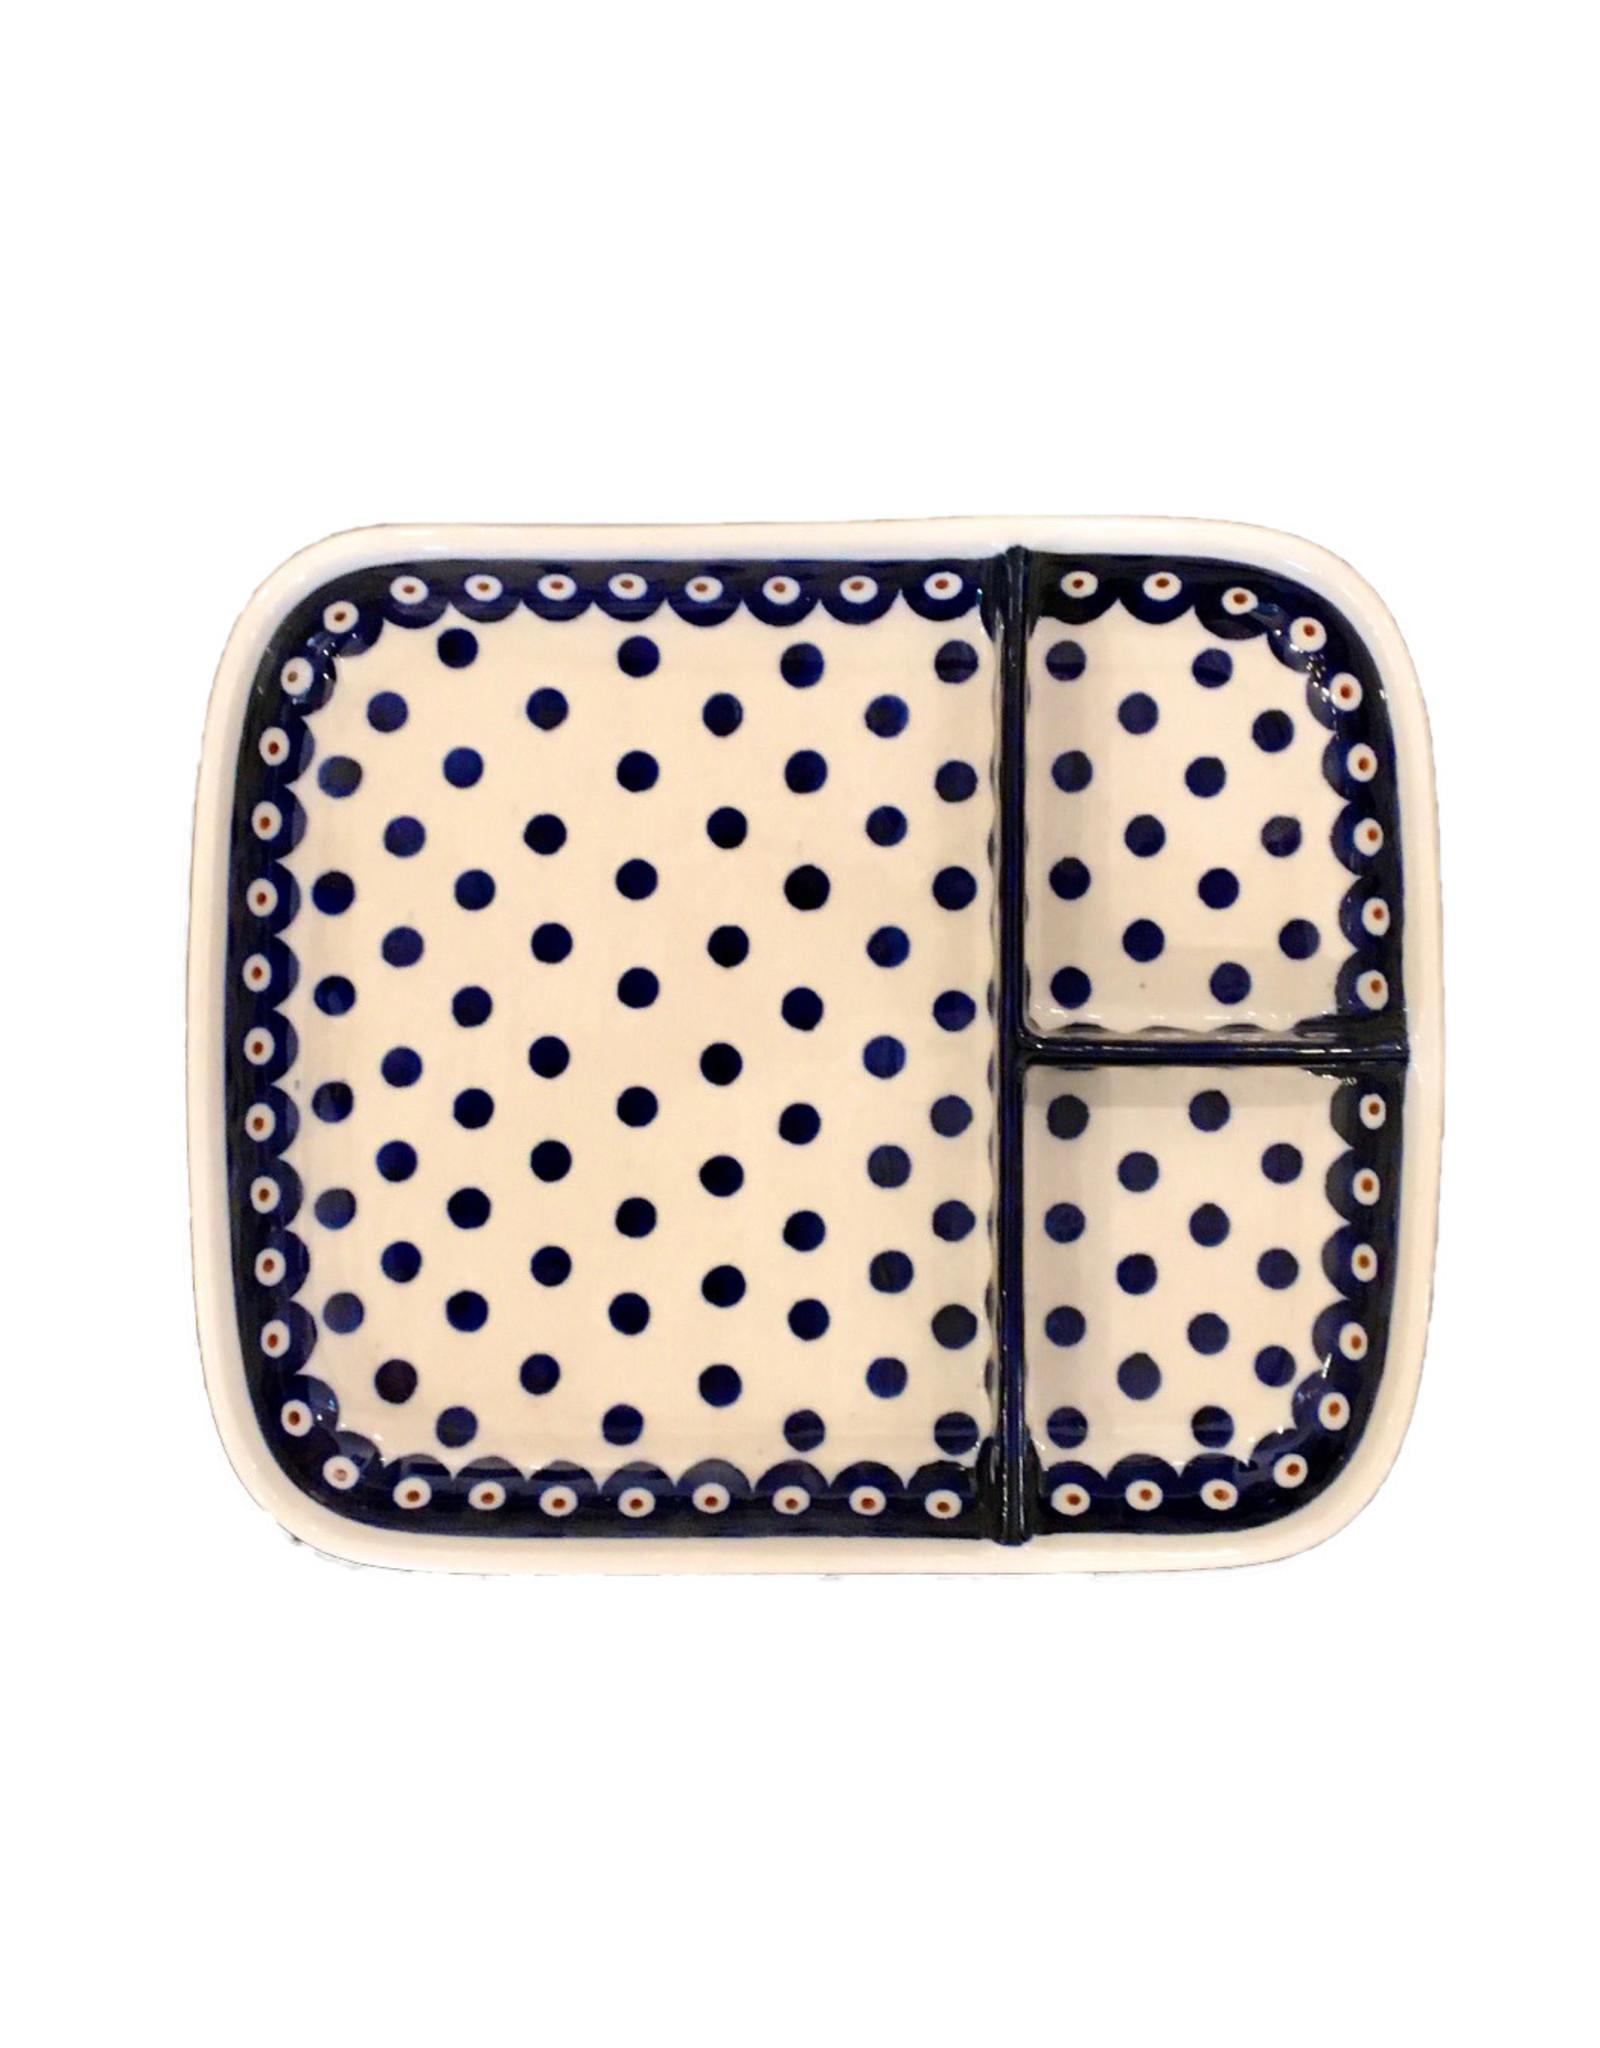 Divided Dish - Dots